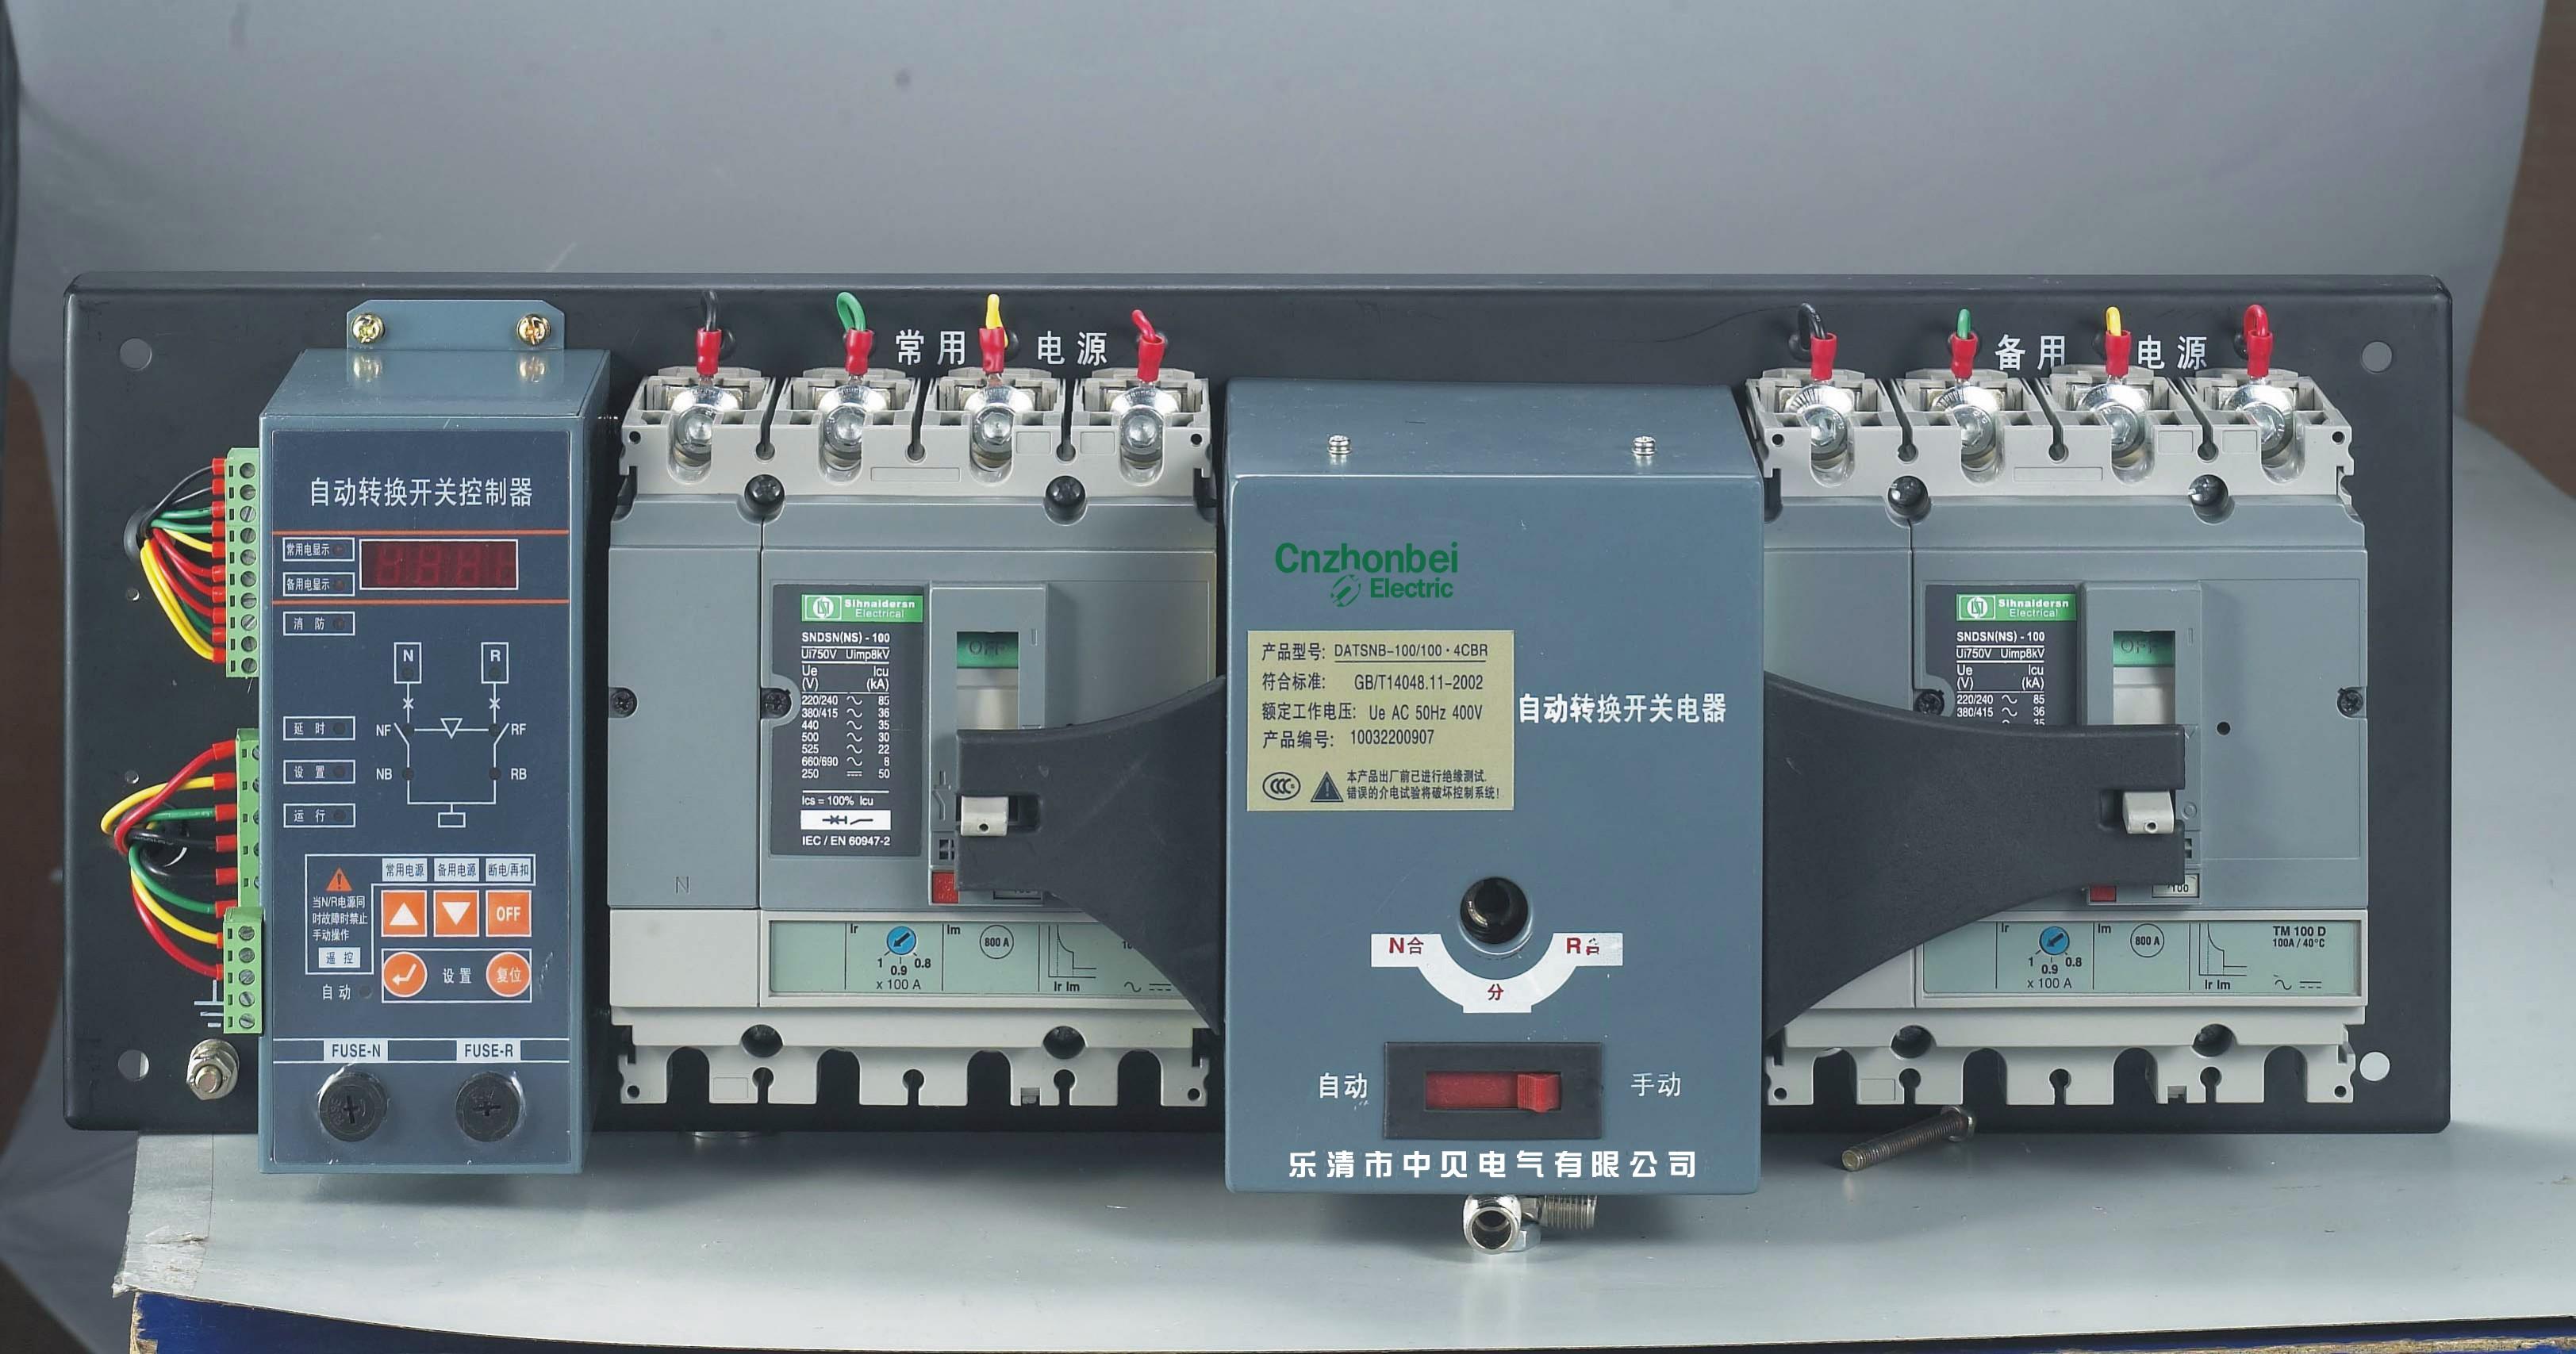 阿仪网 工控仪器 电器元件  接触器  中贝电器开关厂 产品展示 双电源